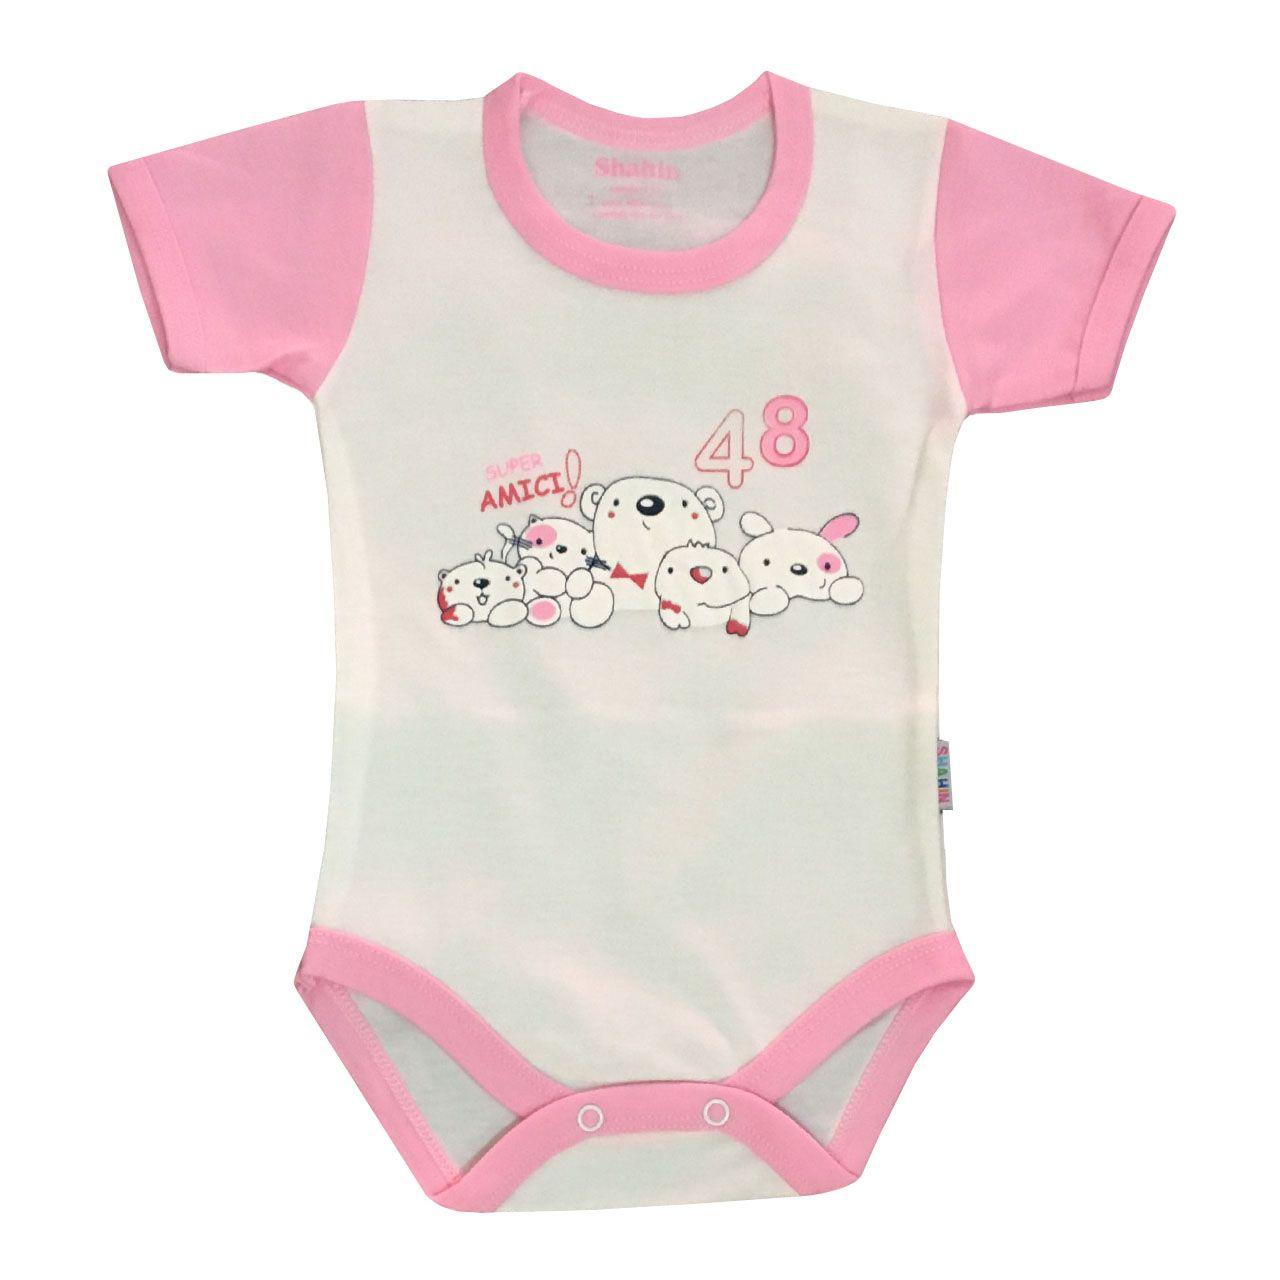 ست 3 تکه لباس نوزادی دخترانه شاهین طرح امیکی کد P -  - 4